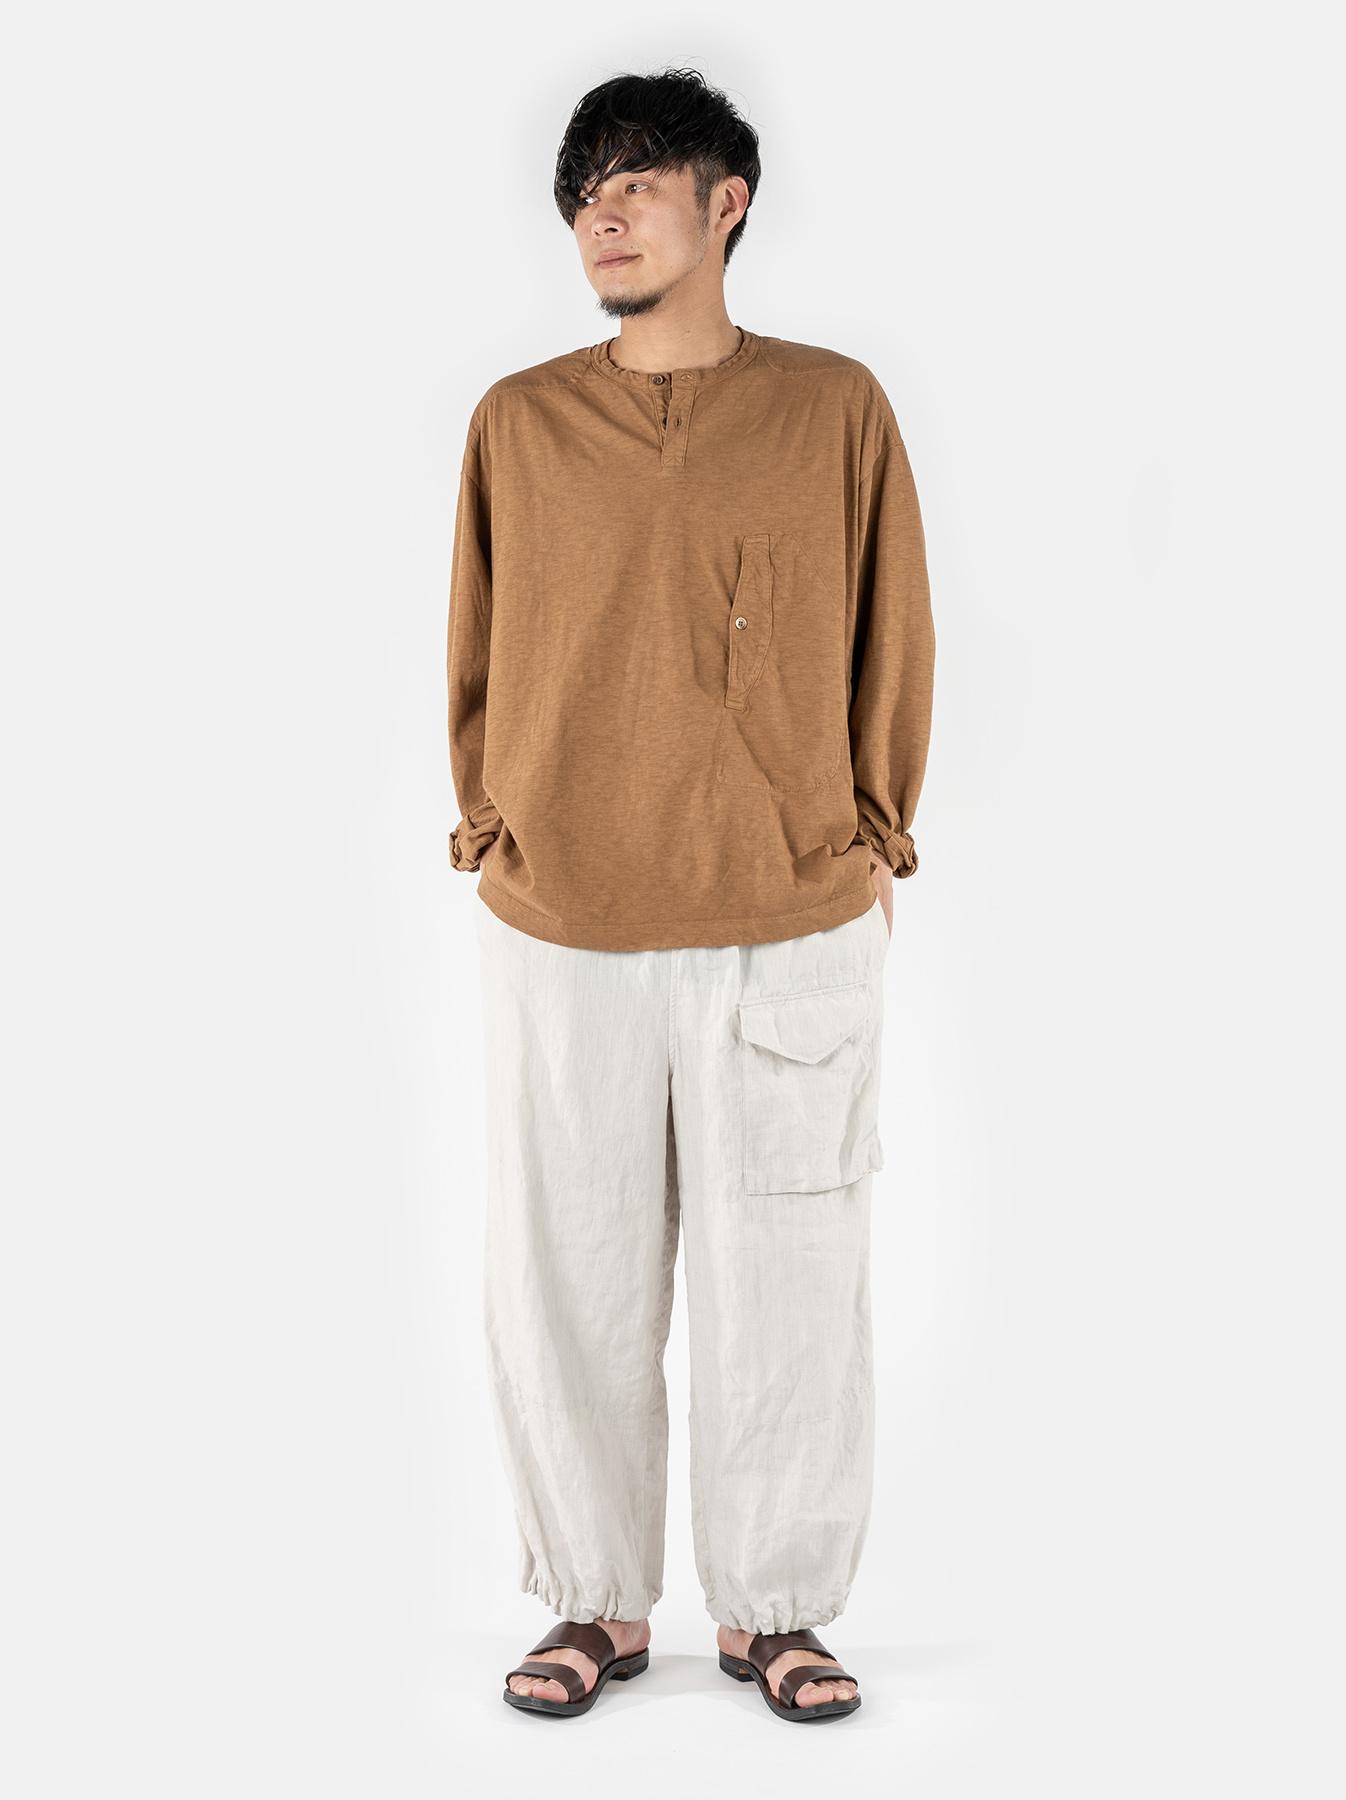 WH Tenjiku Stand Pullover Shirt-2